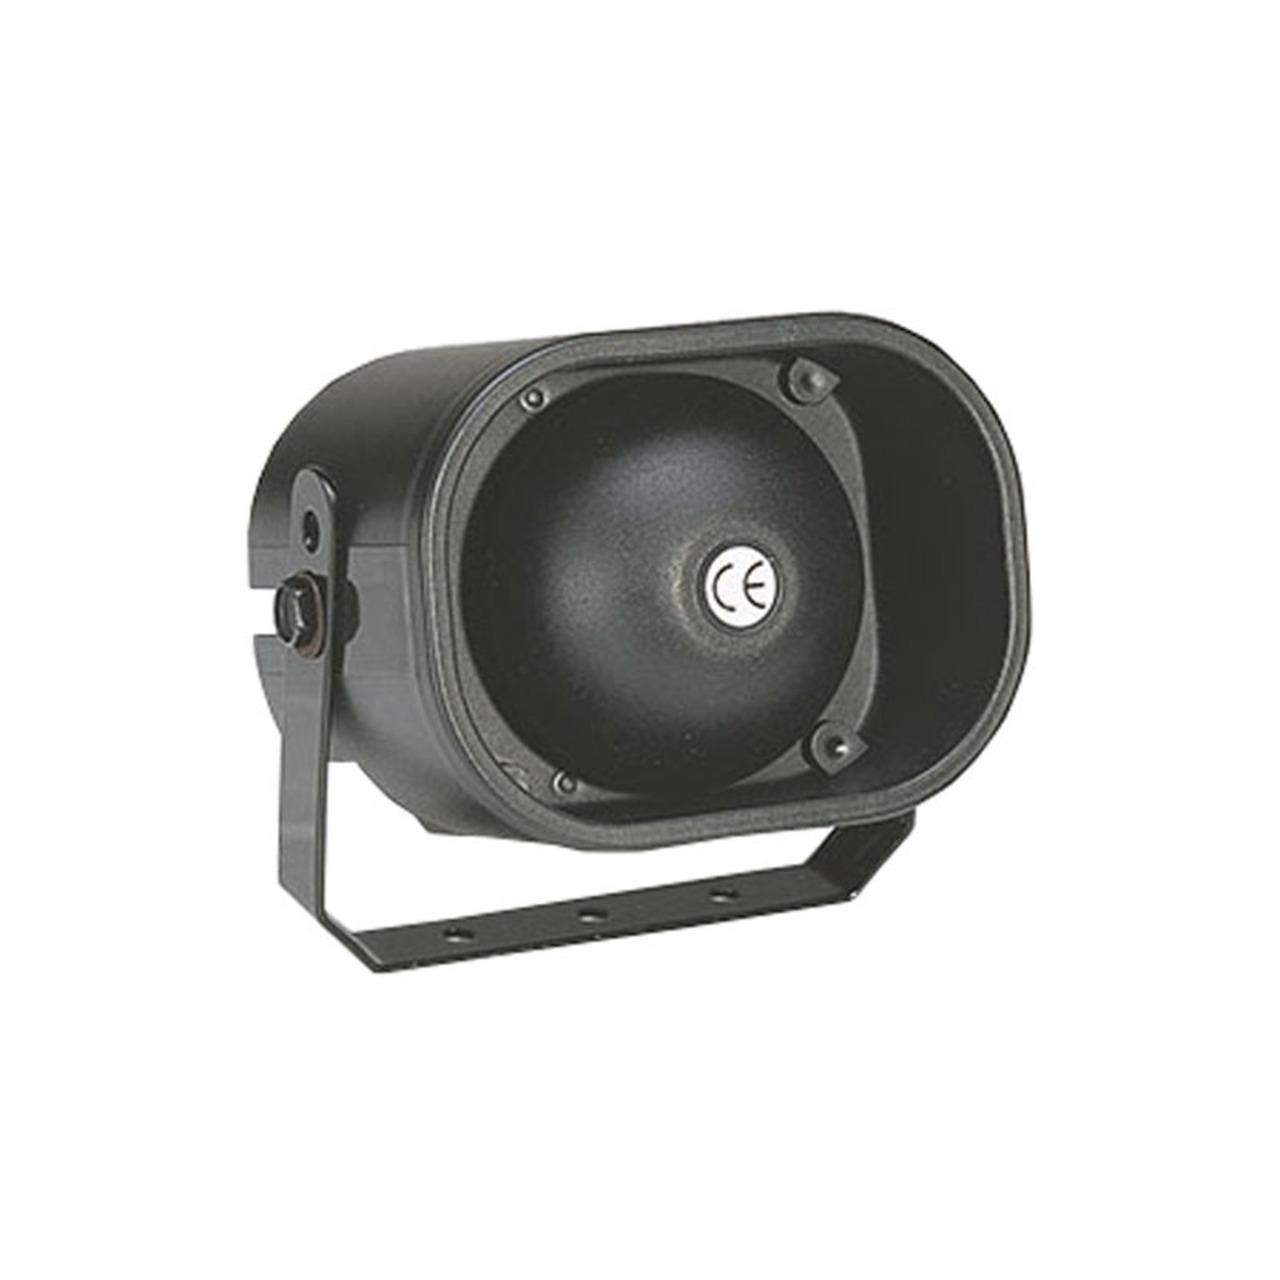 Alarmsirene- 230-V-Version (mit 1-8 m Kabel)